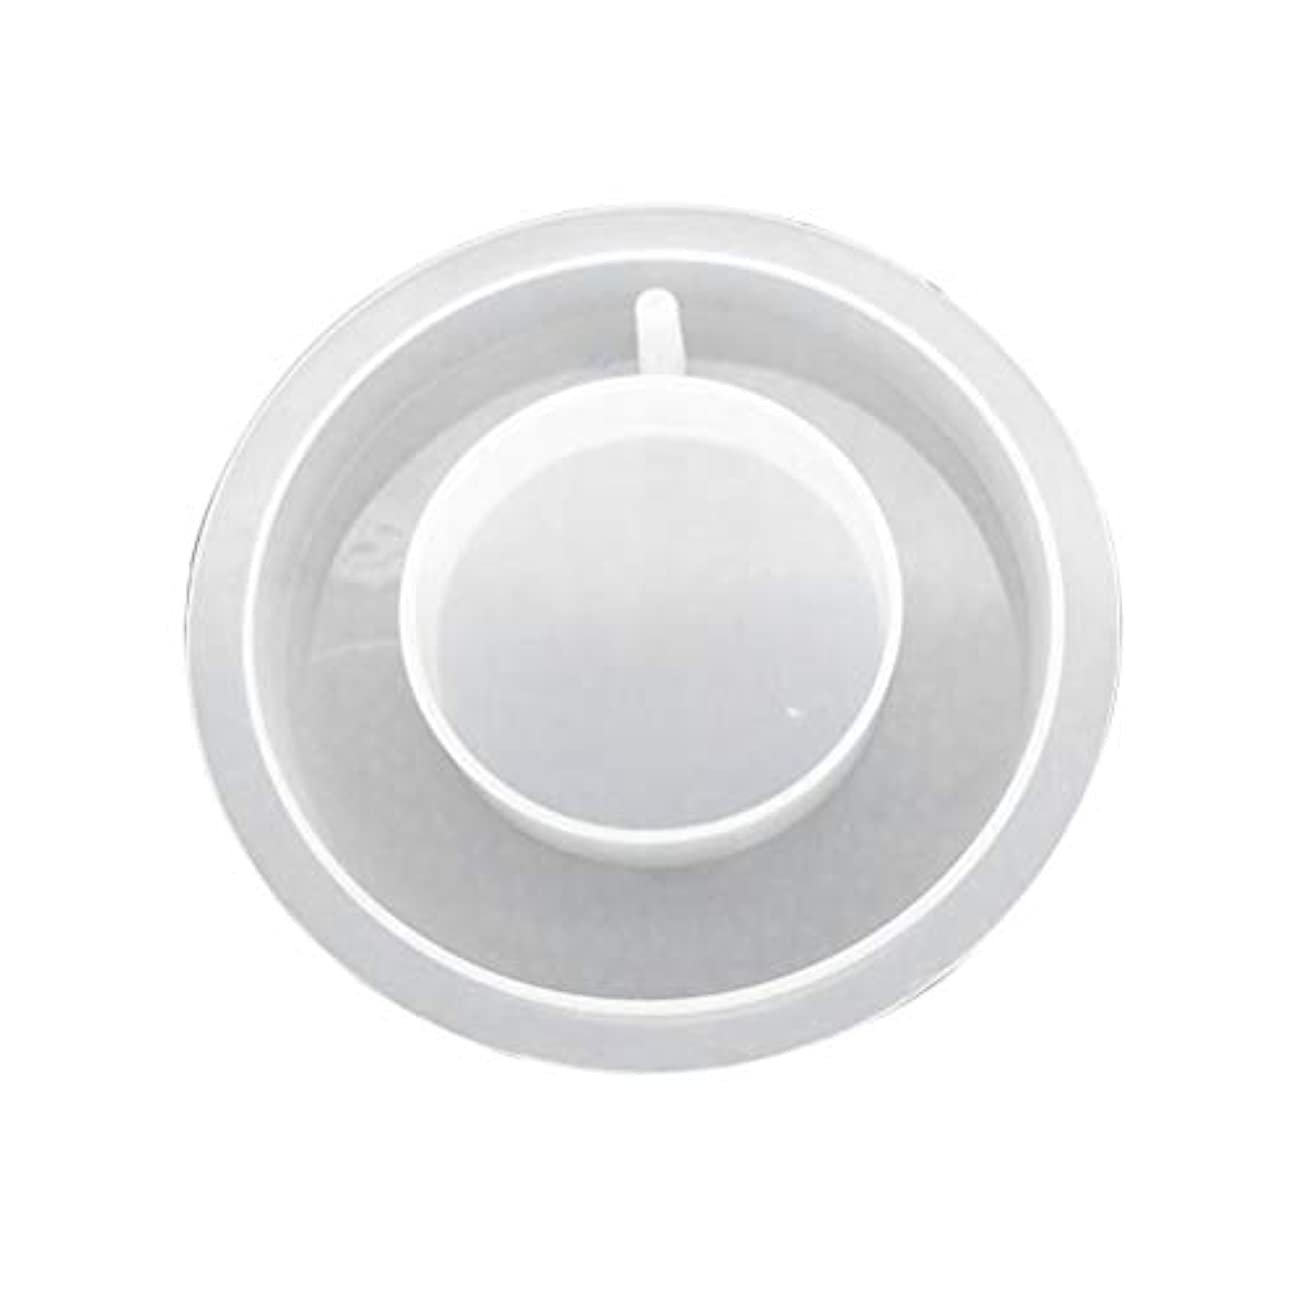 酸っぱいスパークアジテーションSUPVOX 樹脂シリコーンリング形状ペンダントクリスタルエポキシ金型でぶら下げ穴石鹸キャンドル用diyギフトジュエリーネックレスペンダント作り